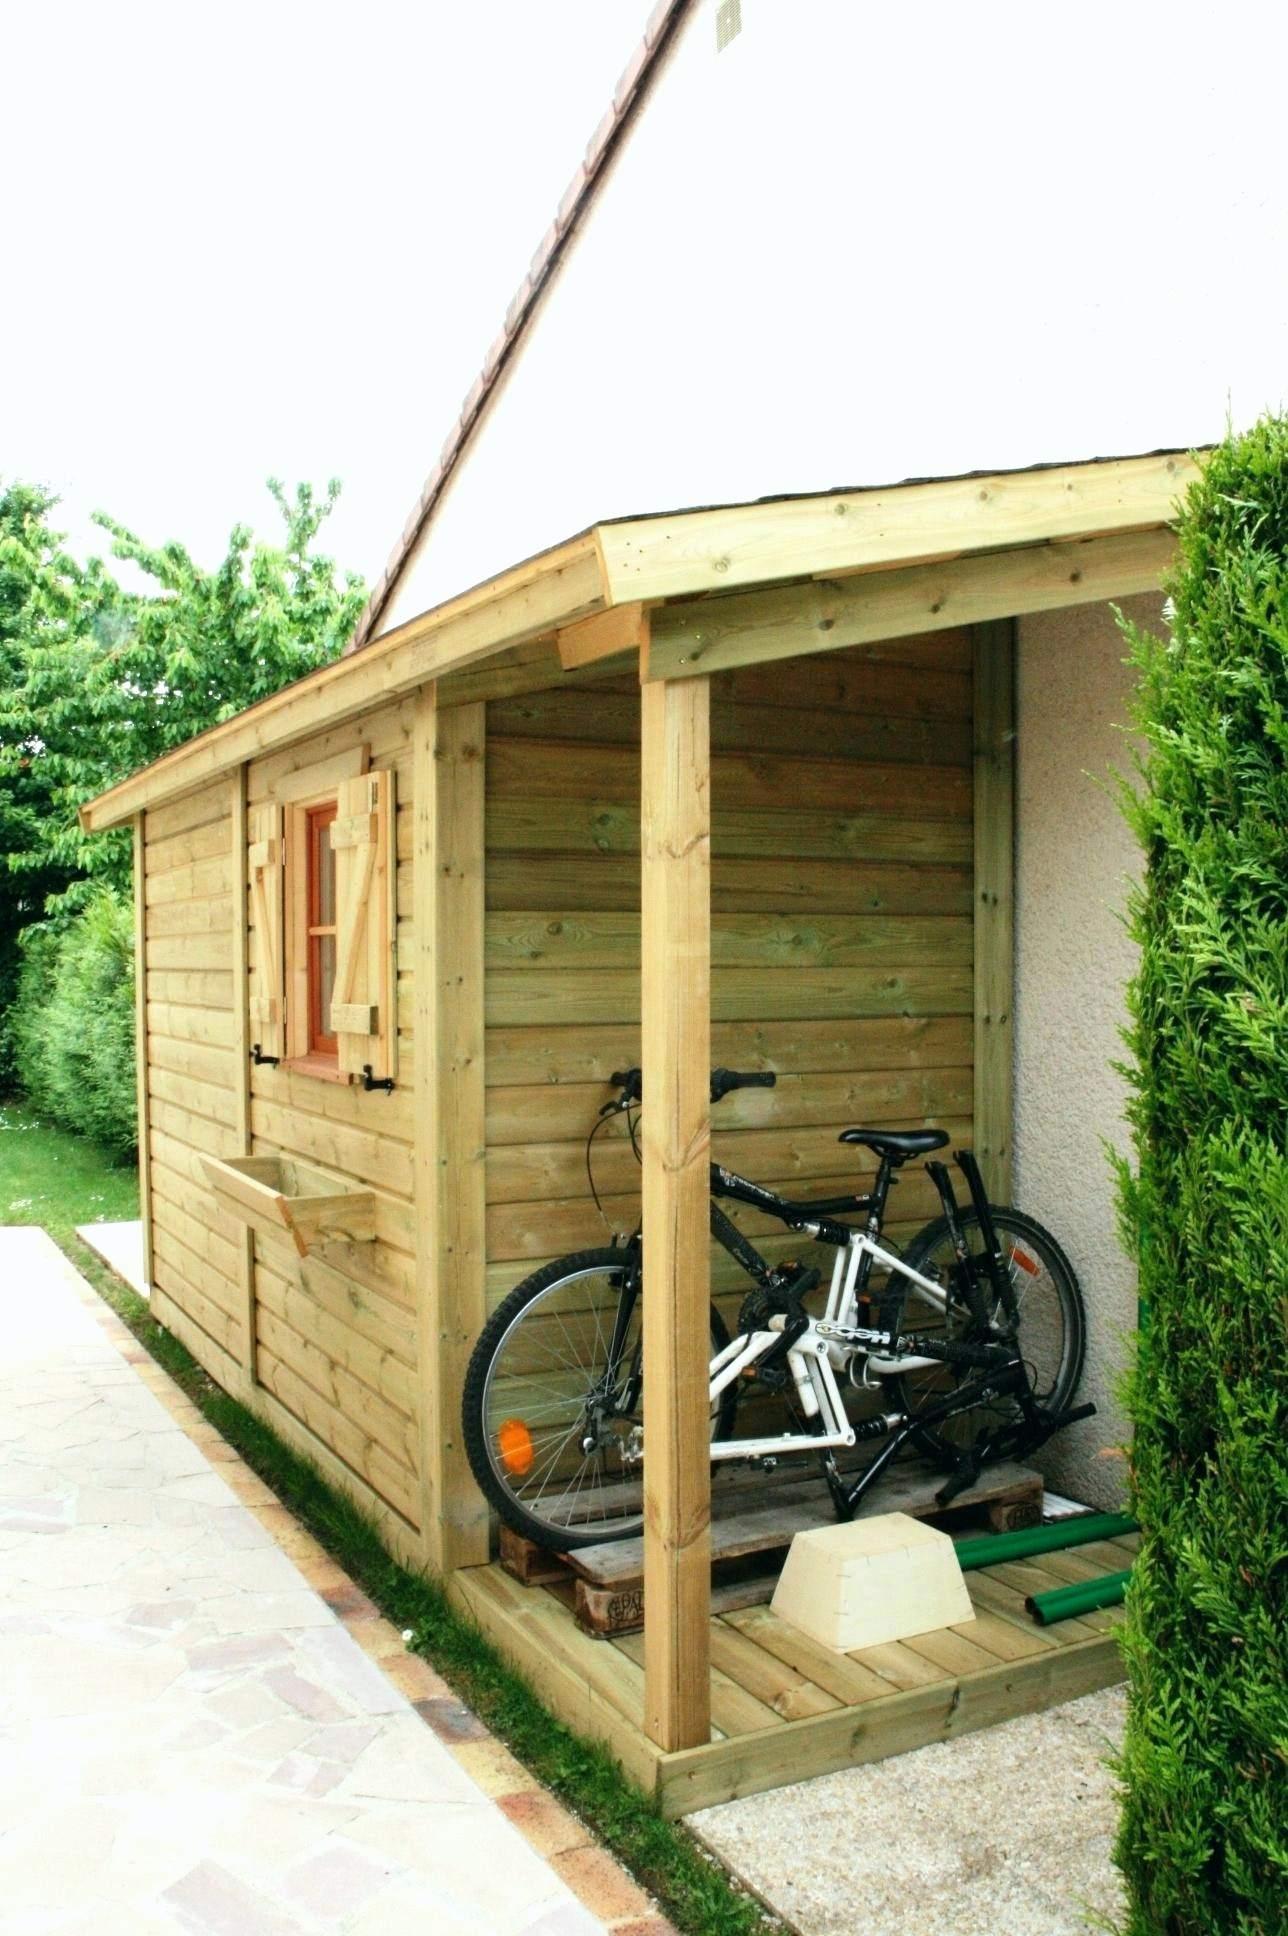 Brico Depot Cabane De Jardin Élégant Images Abrie De Jardin Meilleur De Brico Depot Abri De Jardin Meilleur De